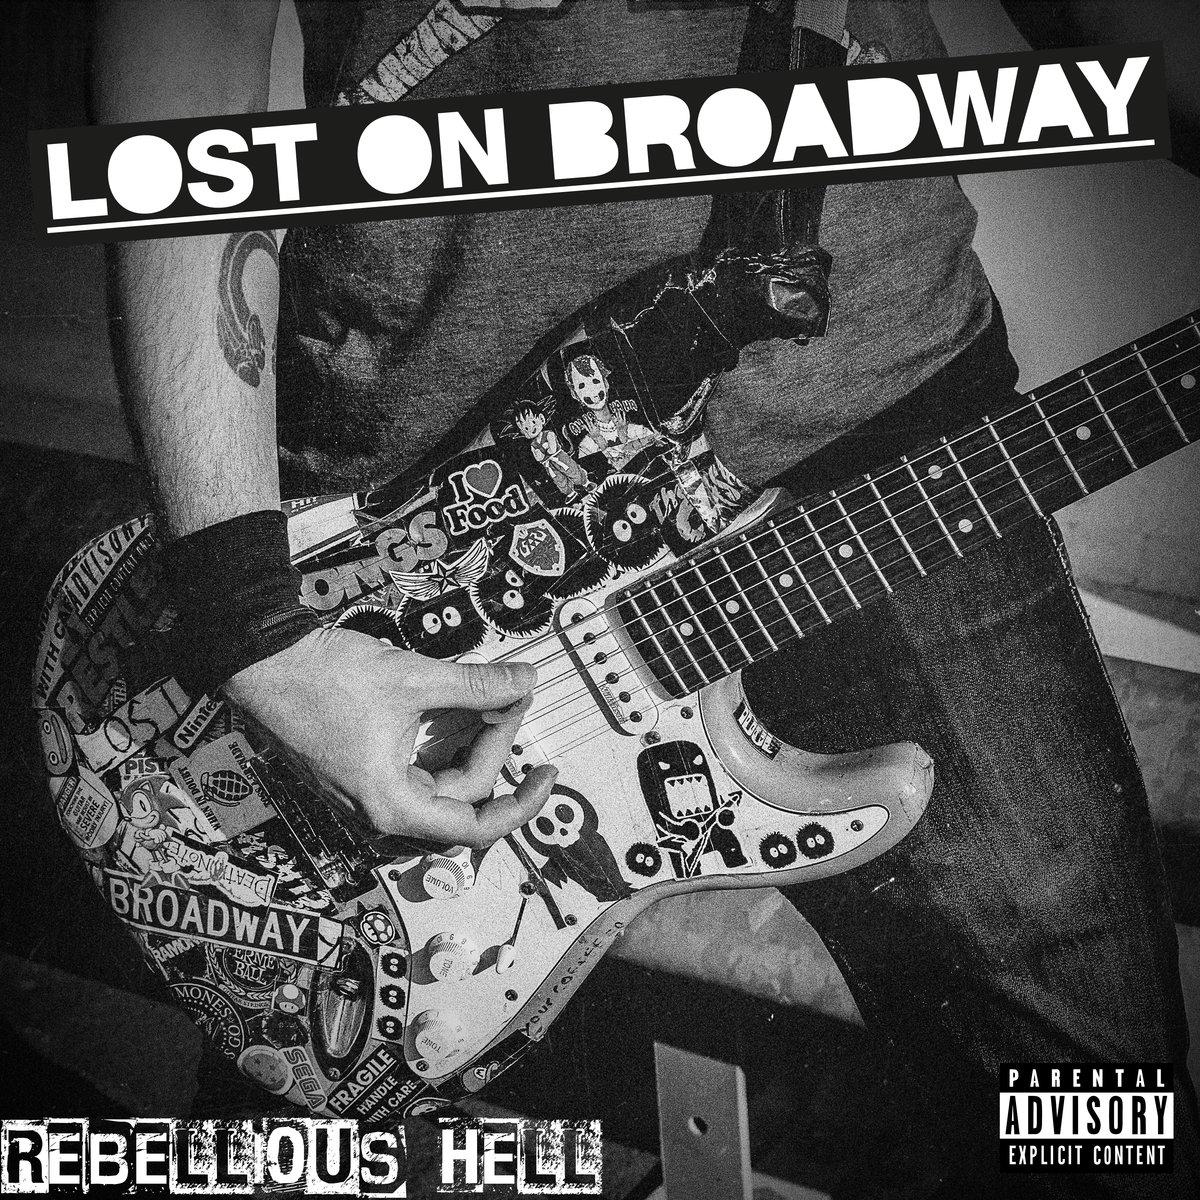 王道パンクからスローなナンバーまでカバー!UKのポップパンクバンド「Lost On Broadway」がニューアルバムをリリース!